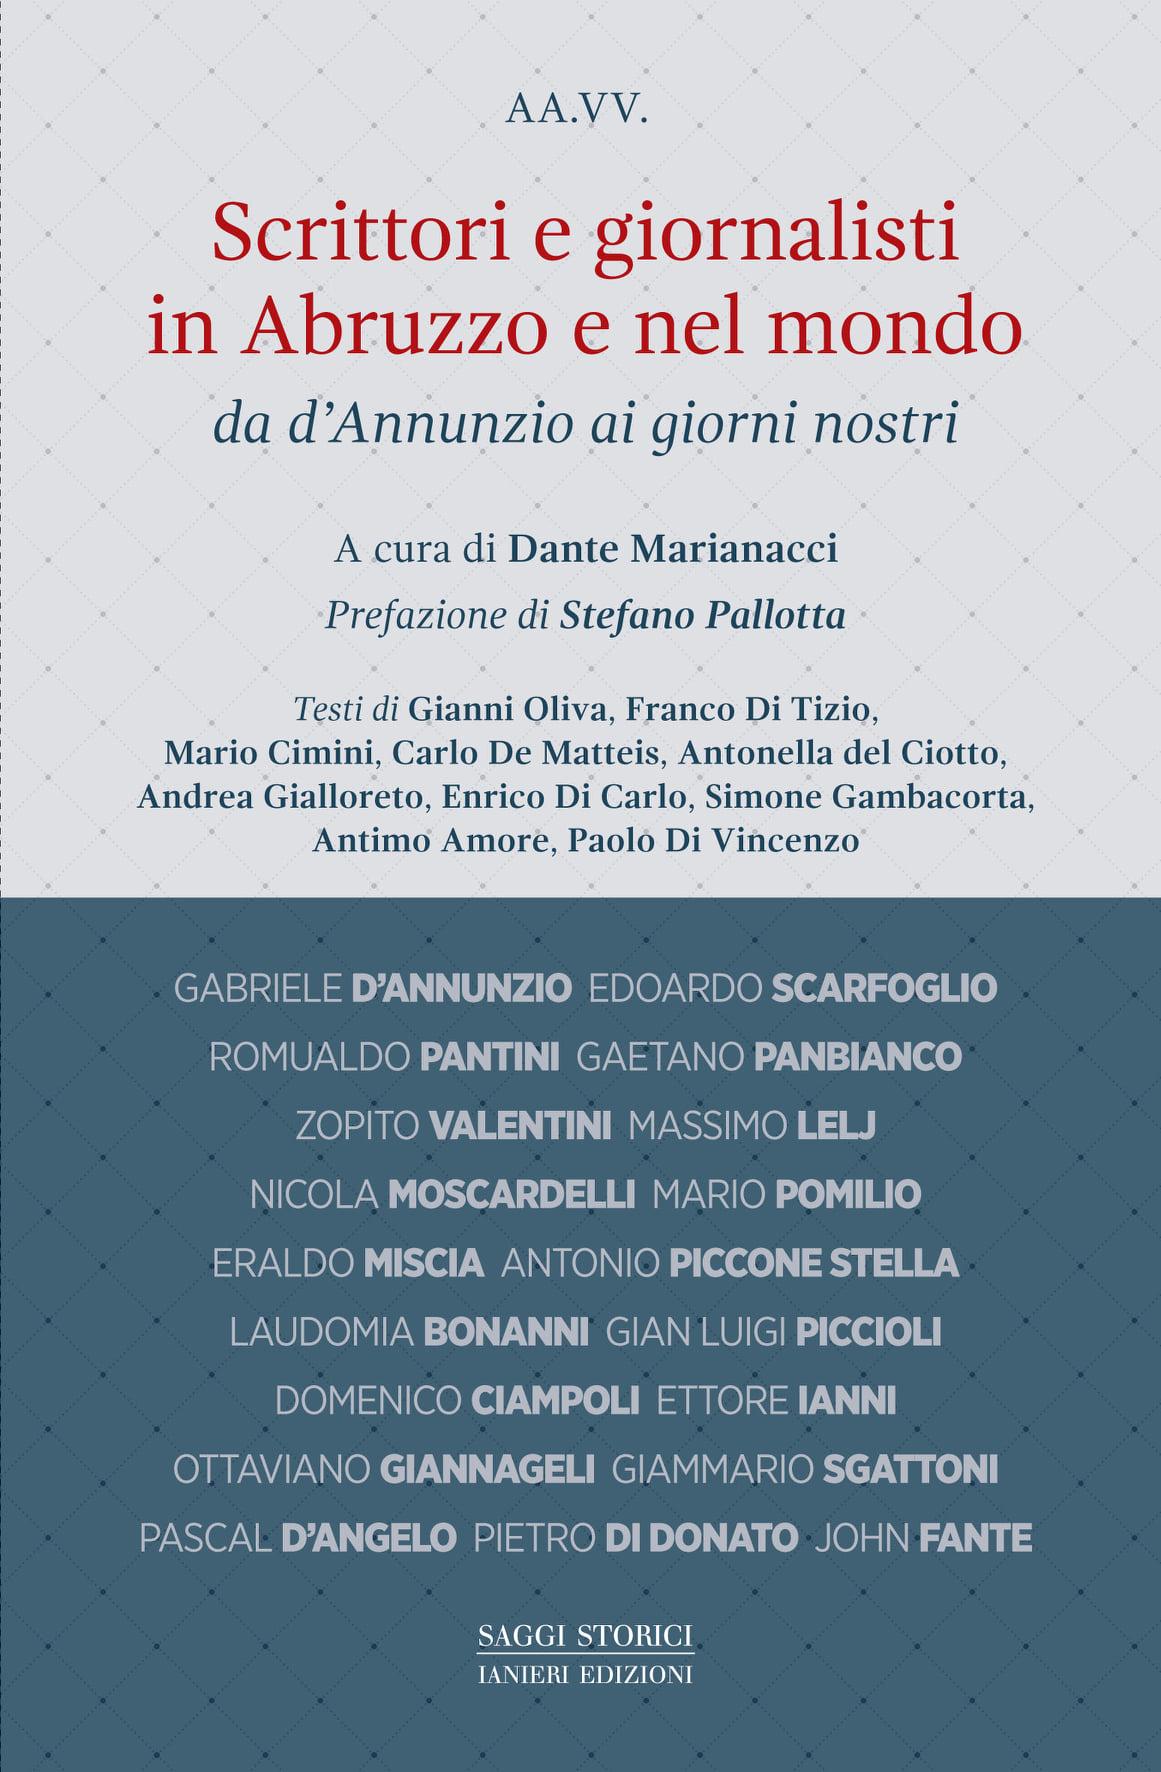 Scrittori e giornalisti in Abruzzo e nel mondo